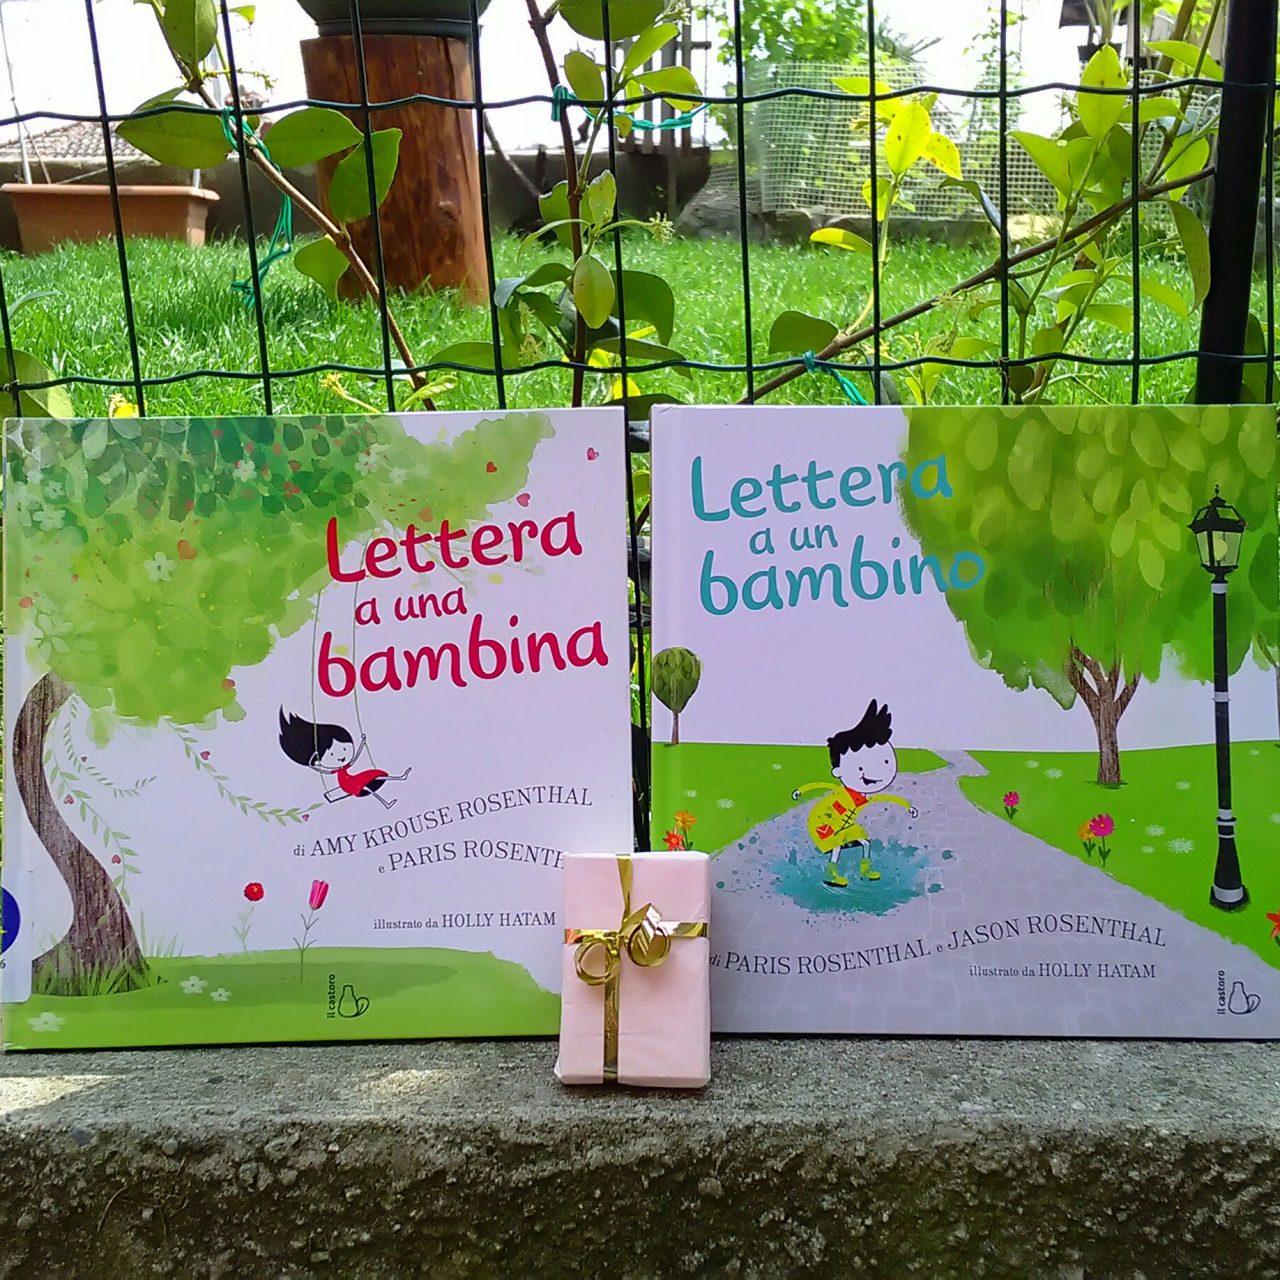 Lettera a una bambina / Lettera a un bambino